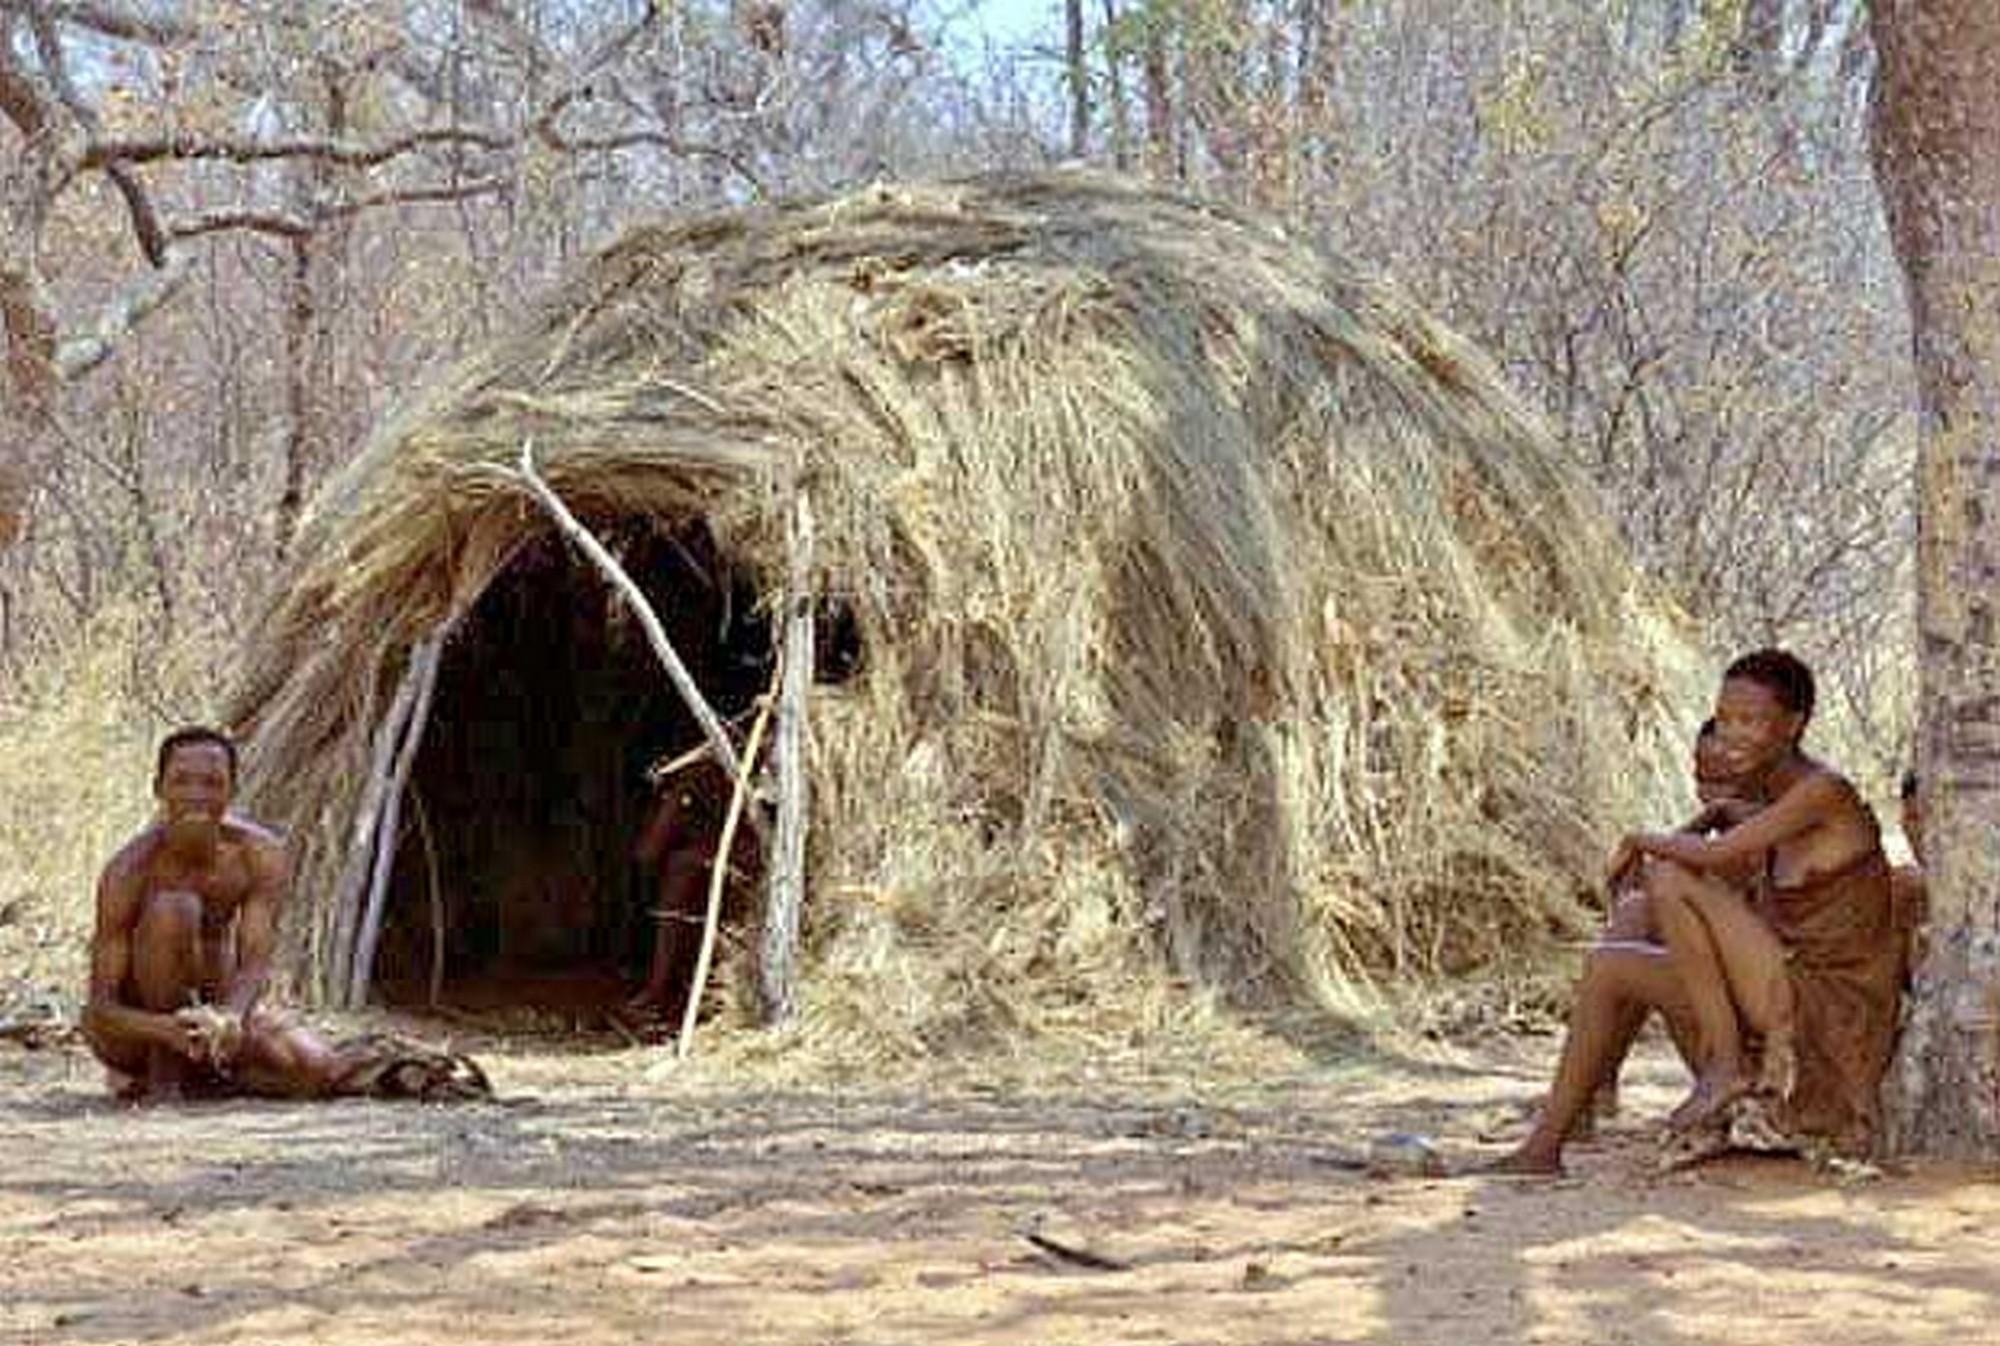 Жилище бушменов – коренного населения Южной Африки (saluteafrica.co.za).